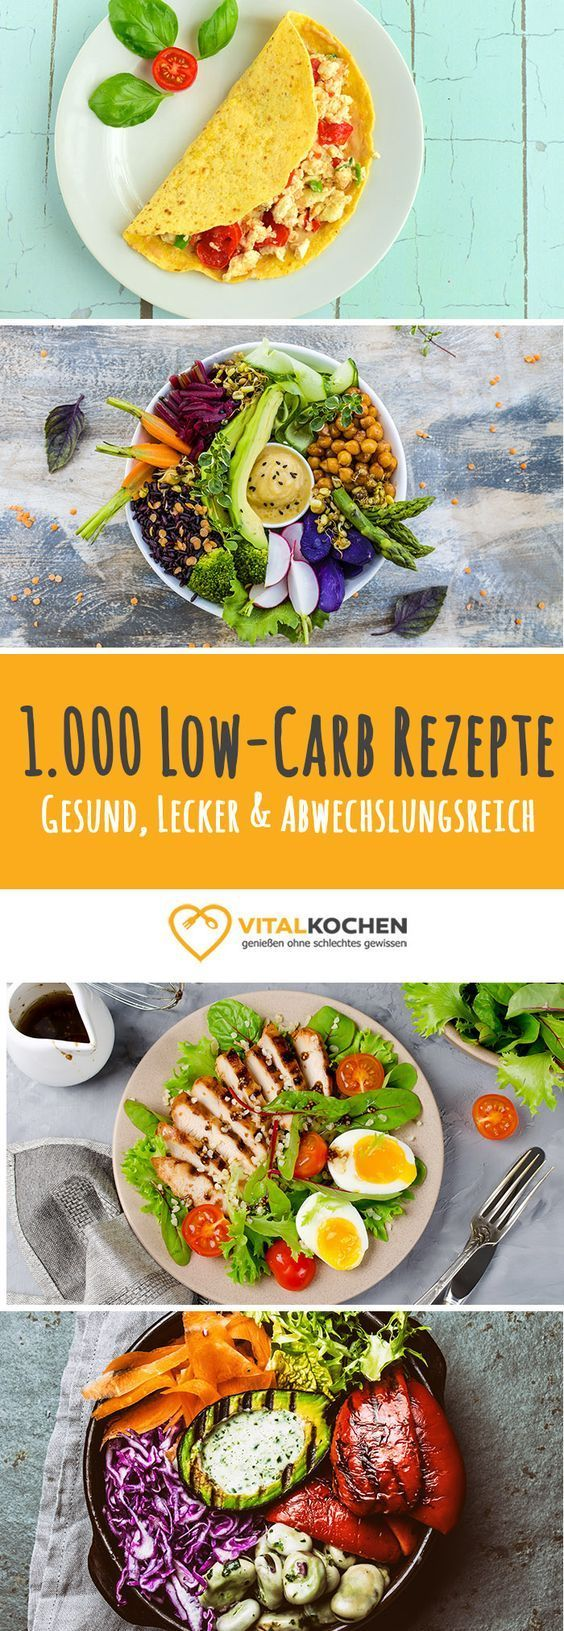 Über 1.000 Low-Carb Rezepte zum Abnehmen - Vegetarisch oder mit Fisch & Fleisch - Frühstücks-, Mittags- und Abendessen Rezepte auf Vitalkochen.de